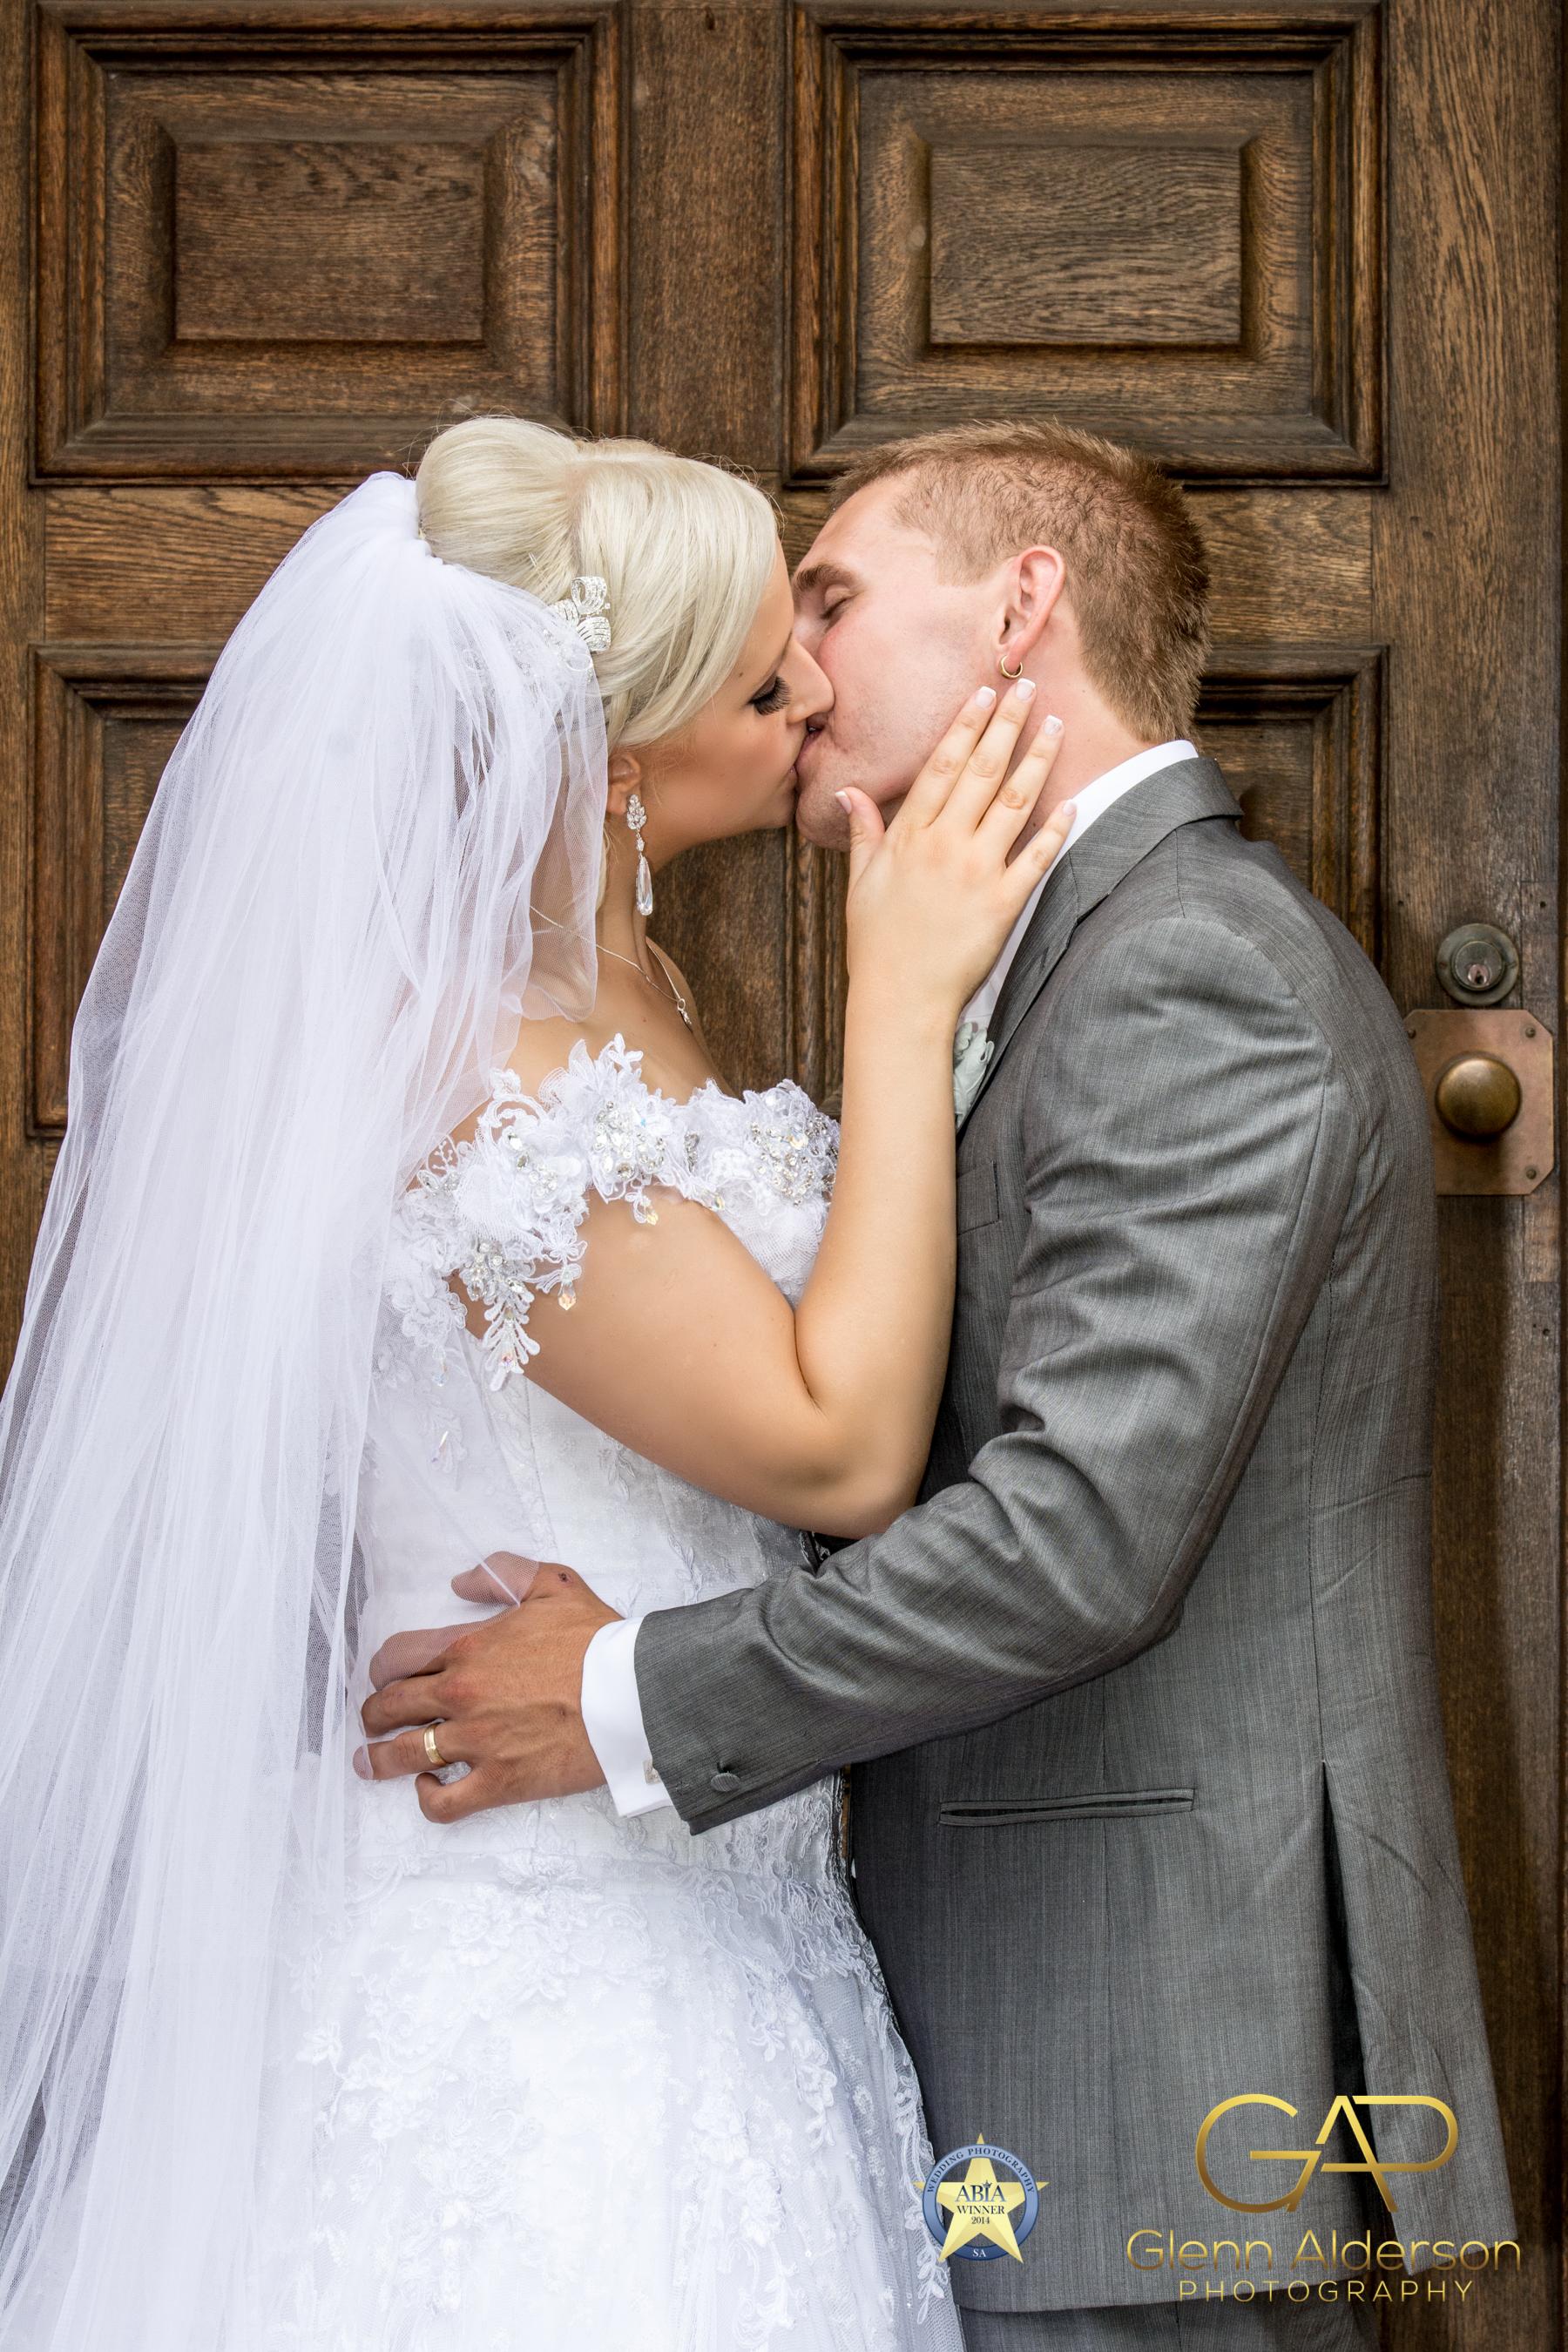 Adelaide Weddings (13 of 15)